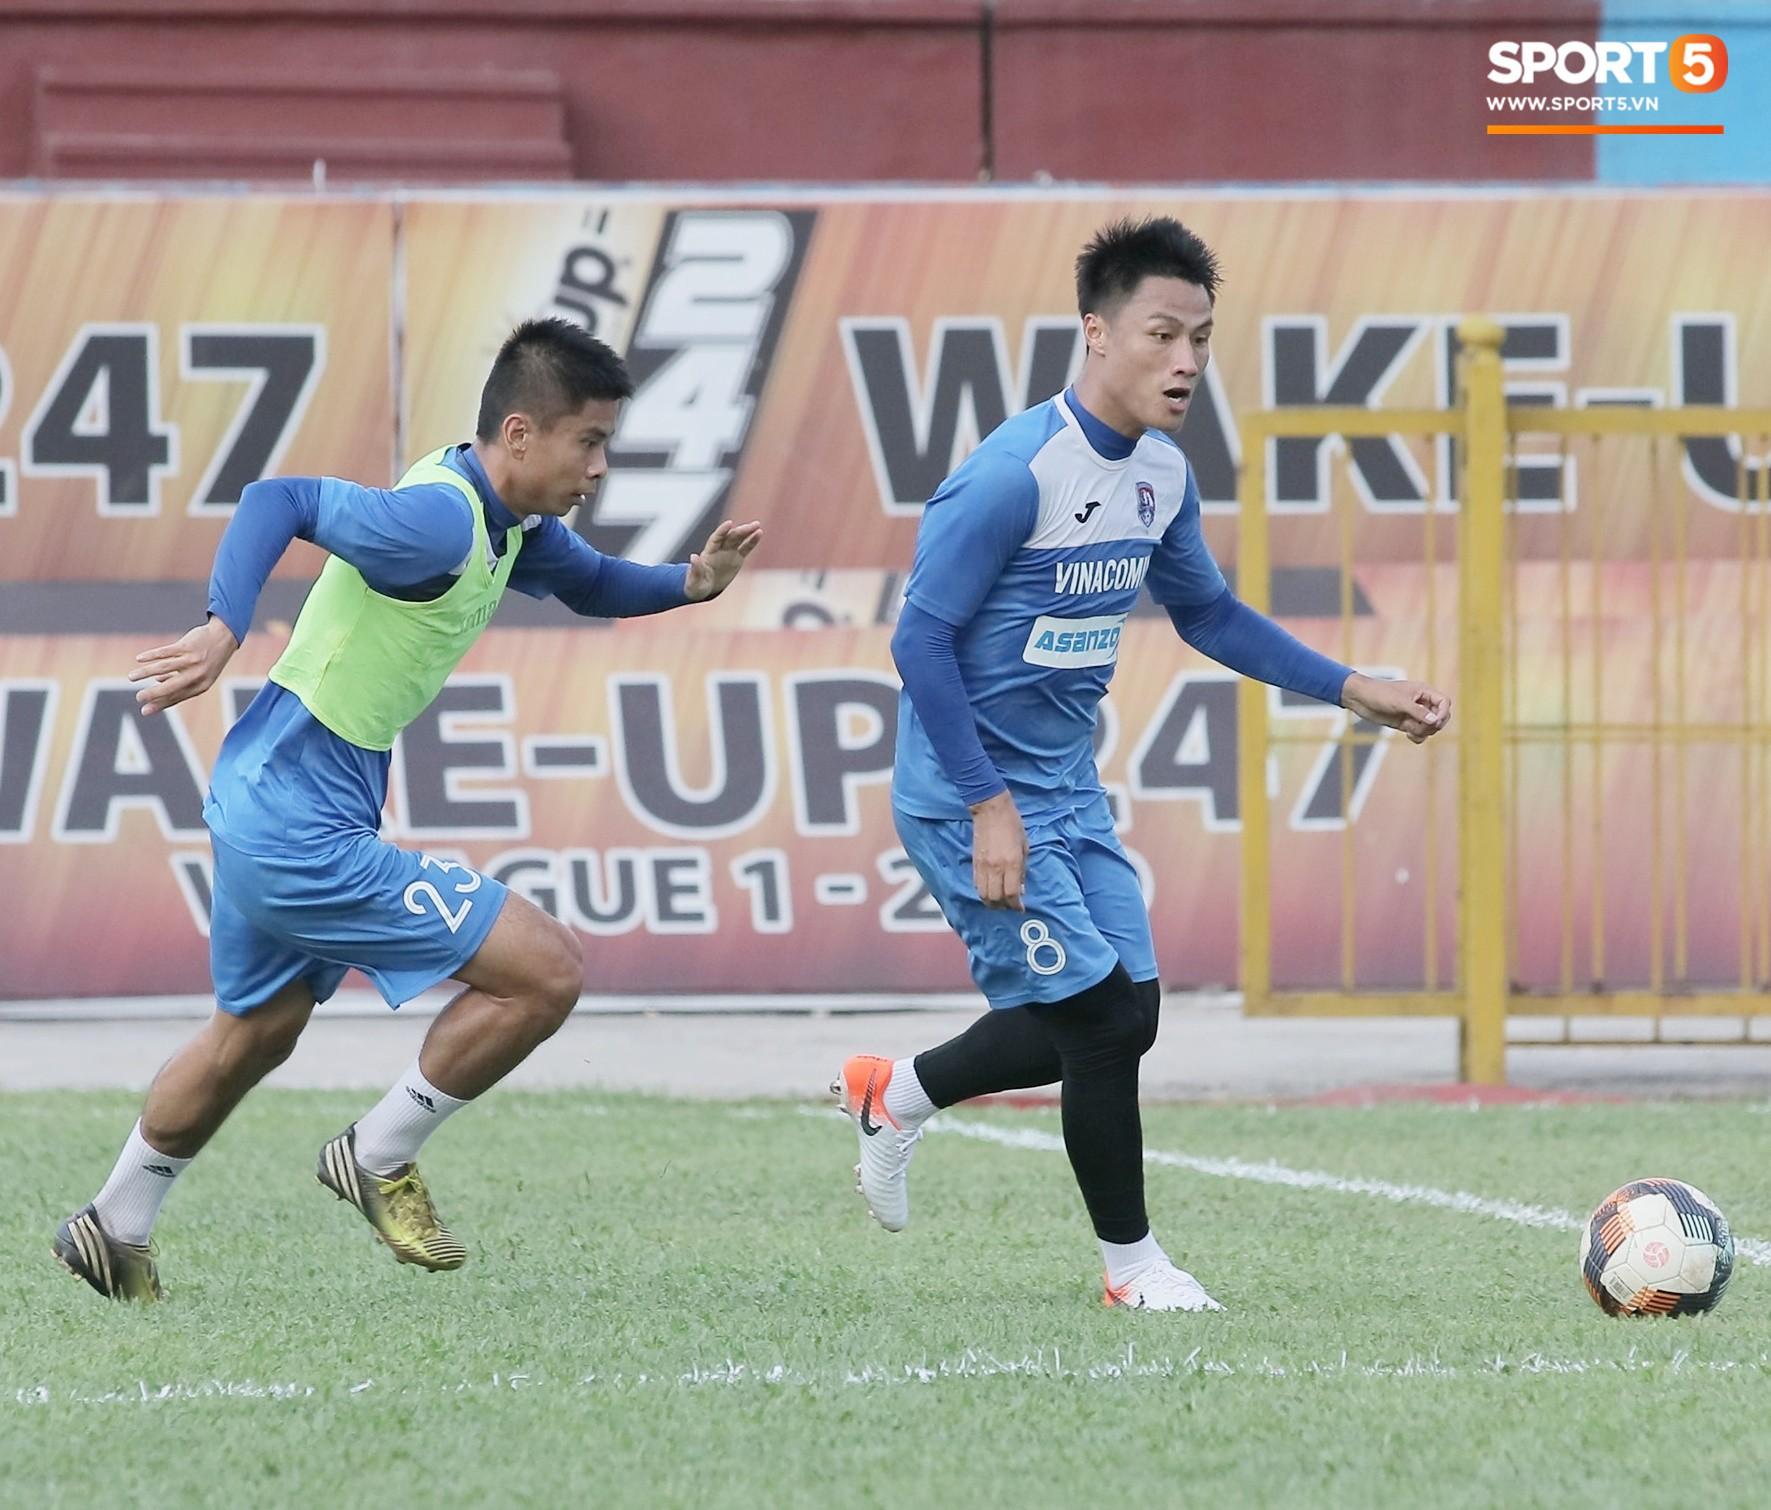 Cầu thủ Việt kiều Mạc Hồng Quân: Nếu được thầy Park gọi lên tuyển, đó là một vinh dự - Ảnh 5.